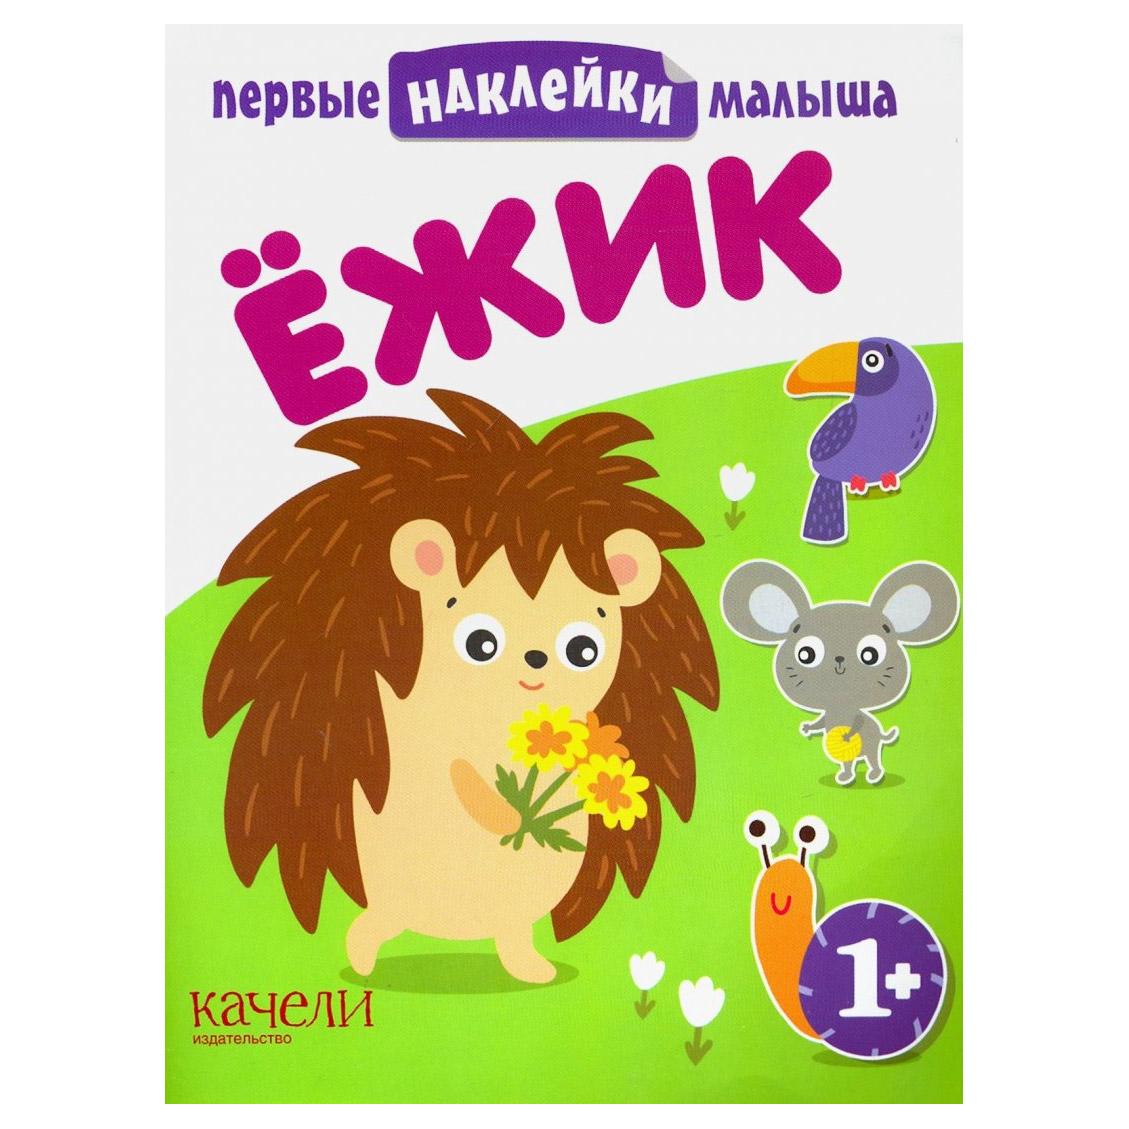 Книжка Качели Первые наклейки малыша. Ежик